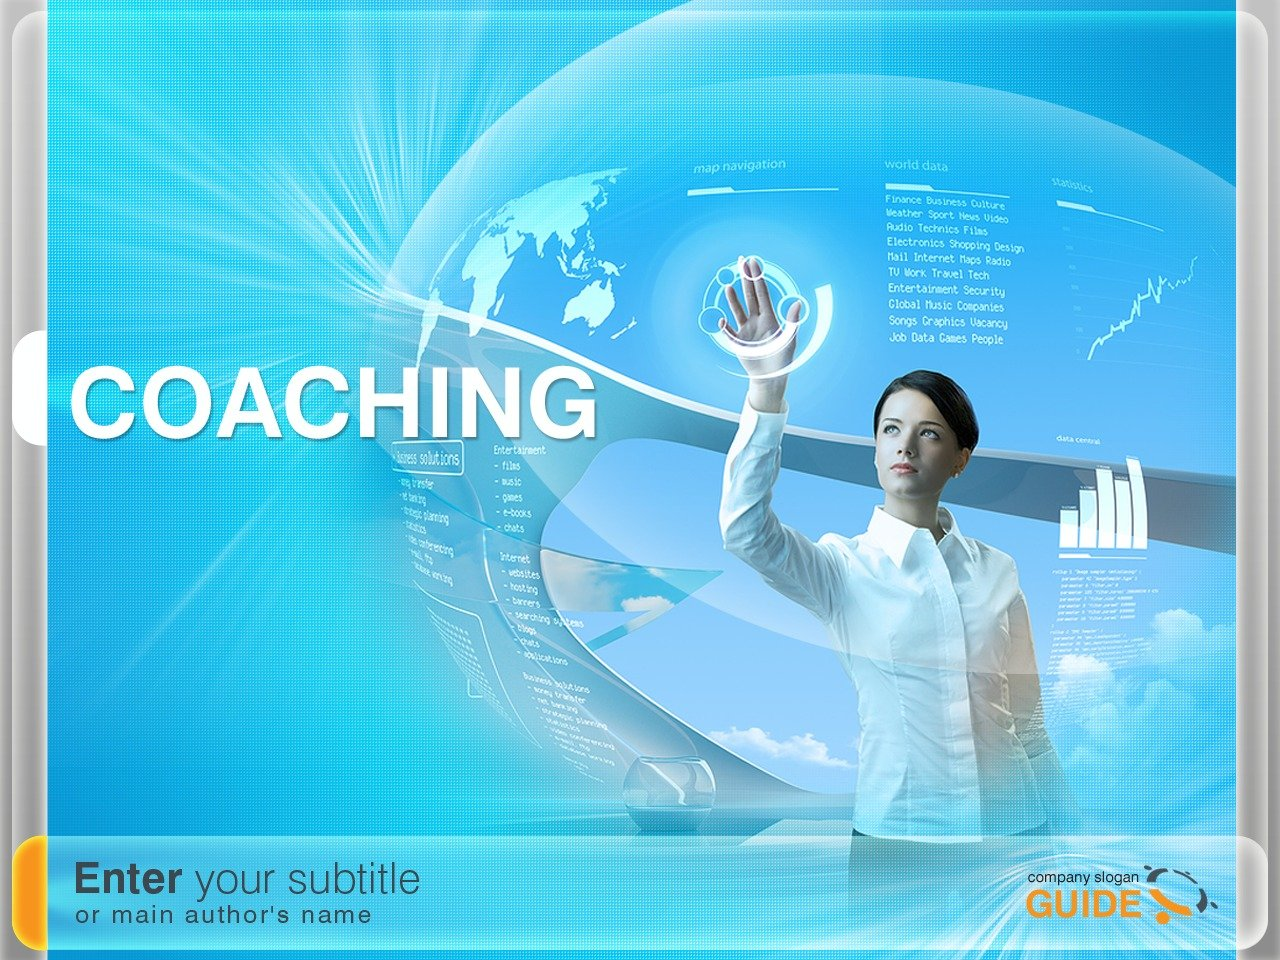 商学院网站PowerPoint 模板 #32498